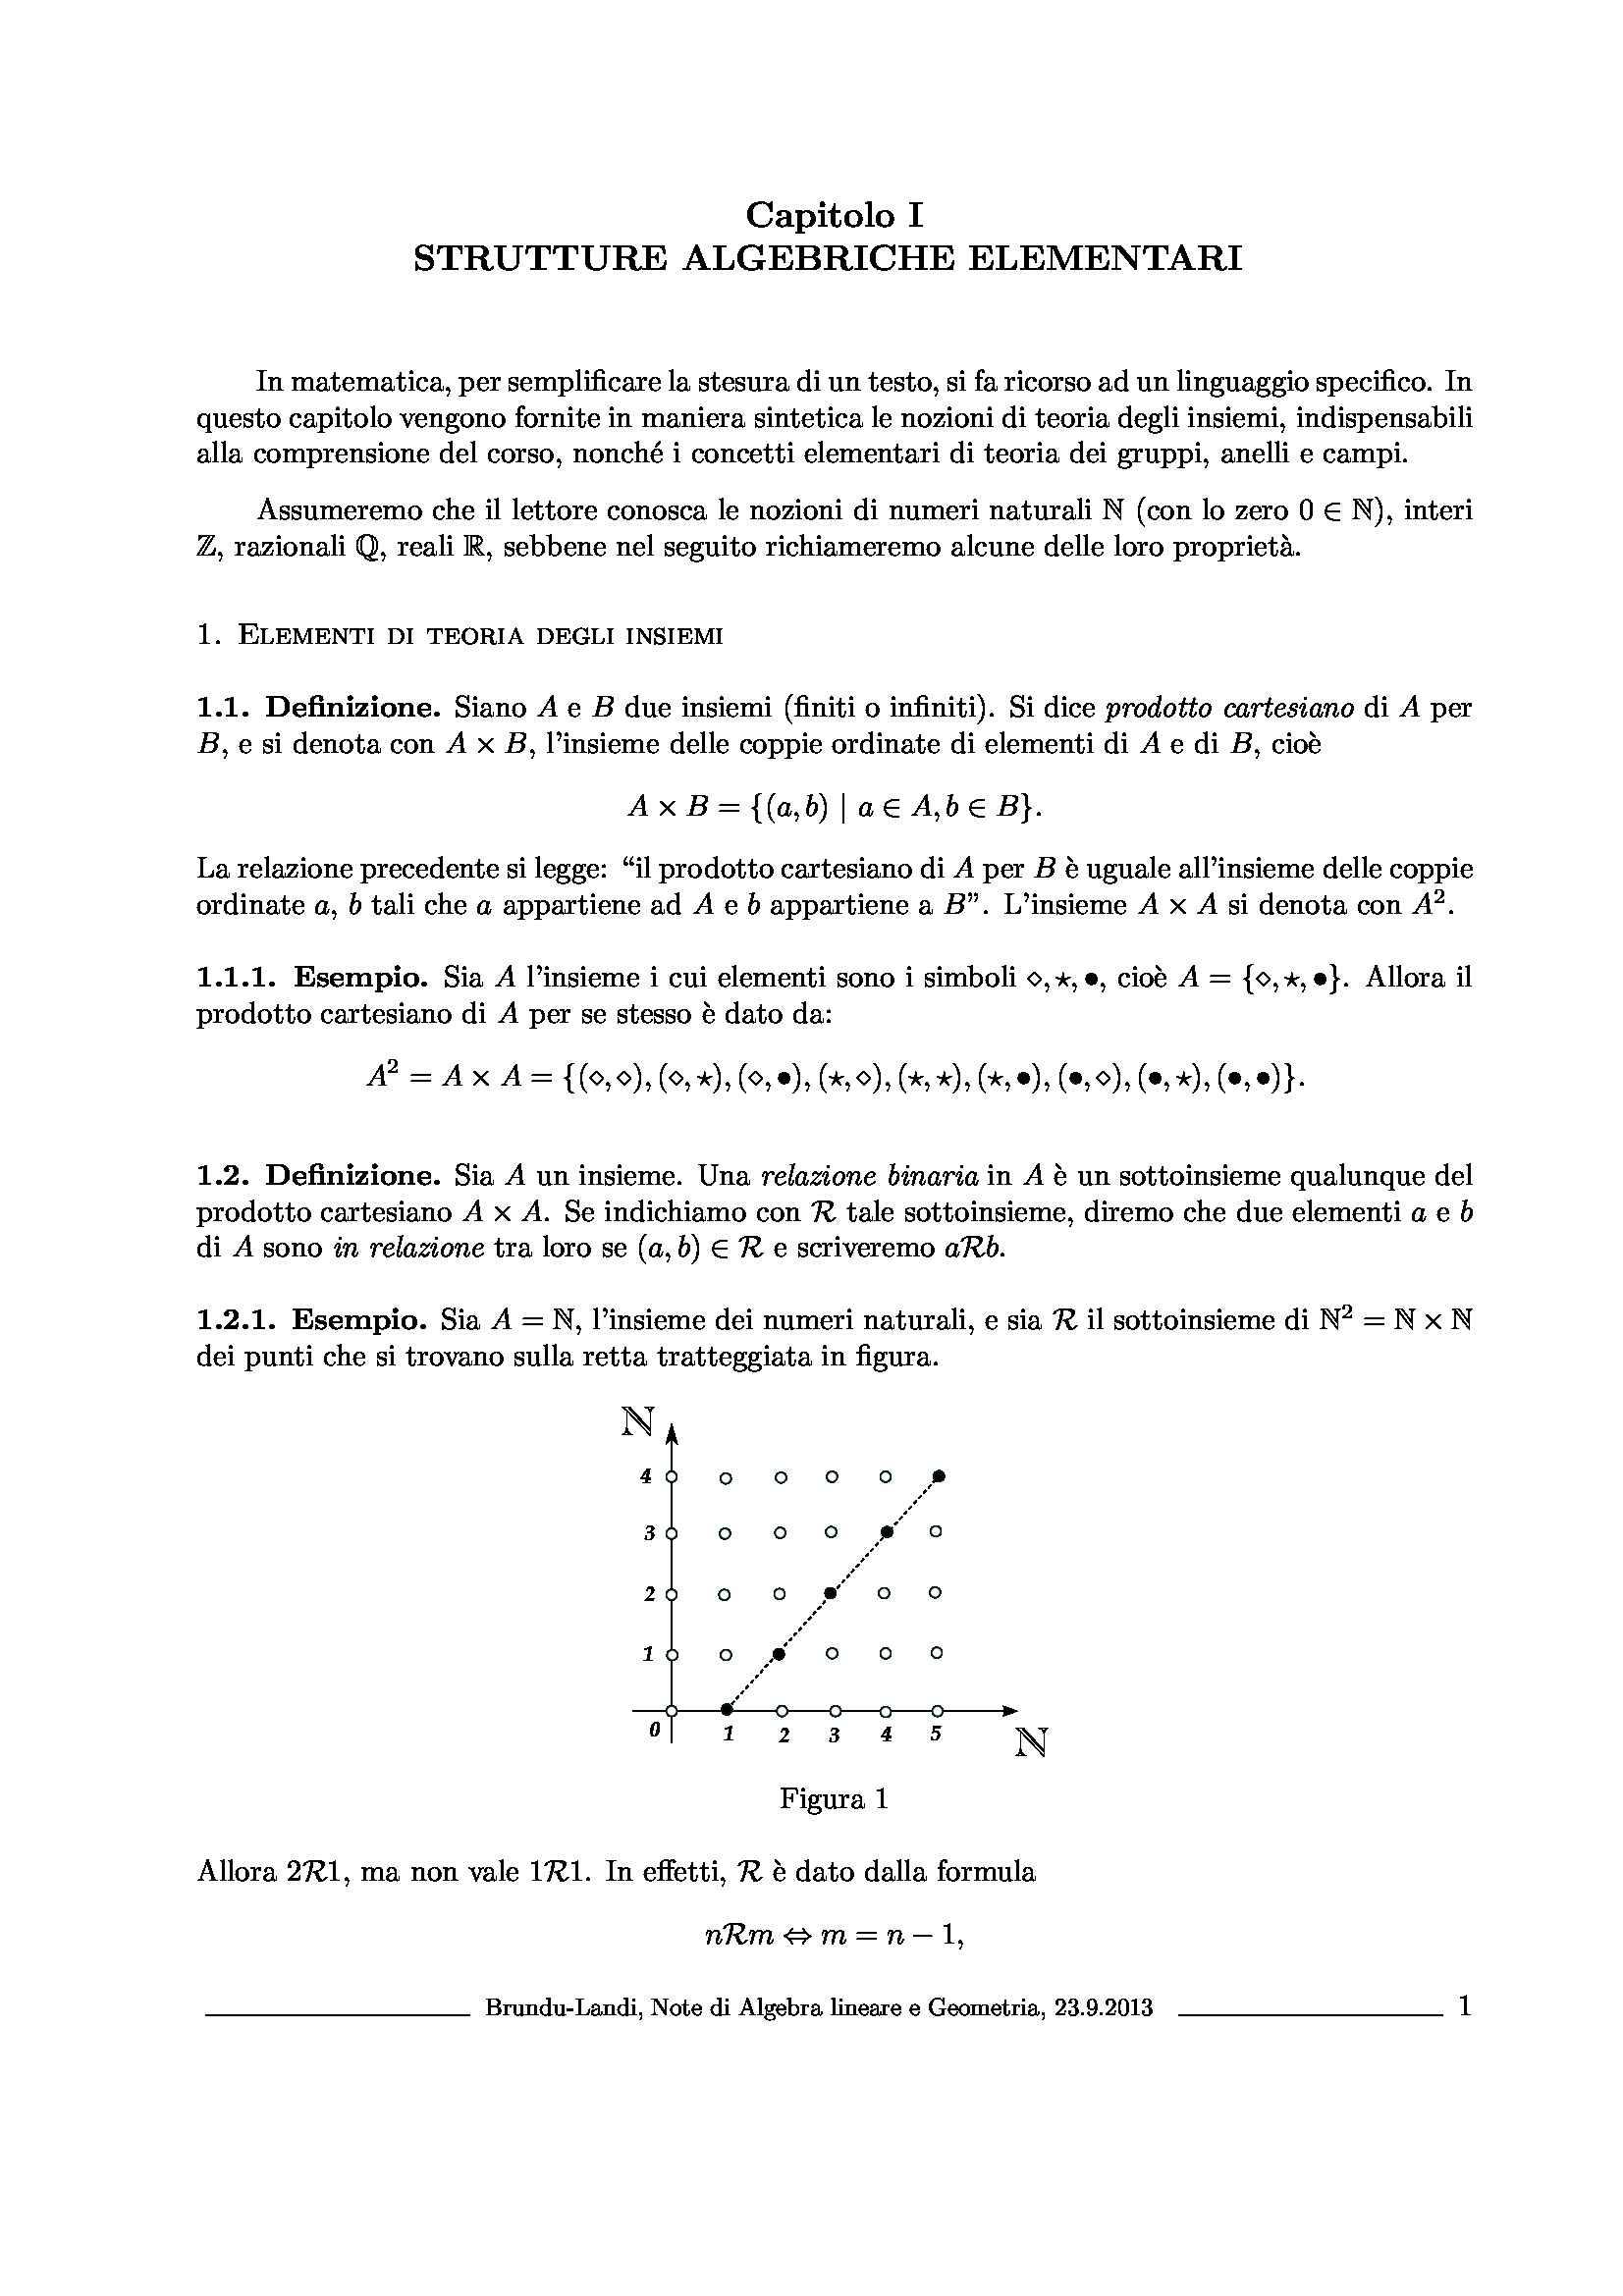 Dispensa di Matematica - Strutture algebriche elementari